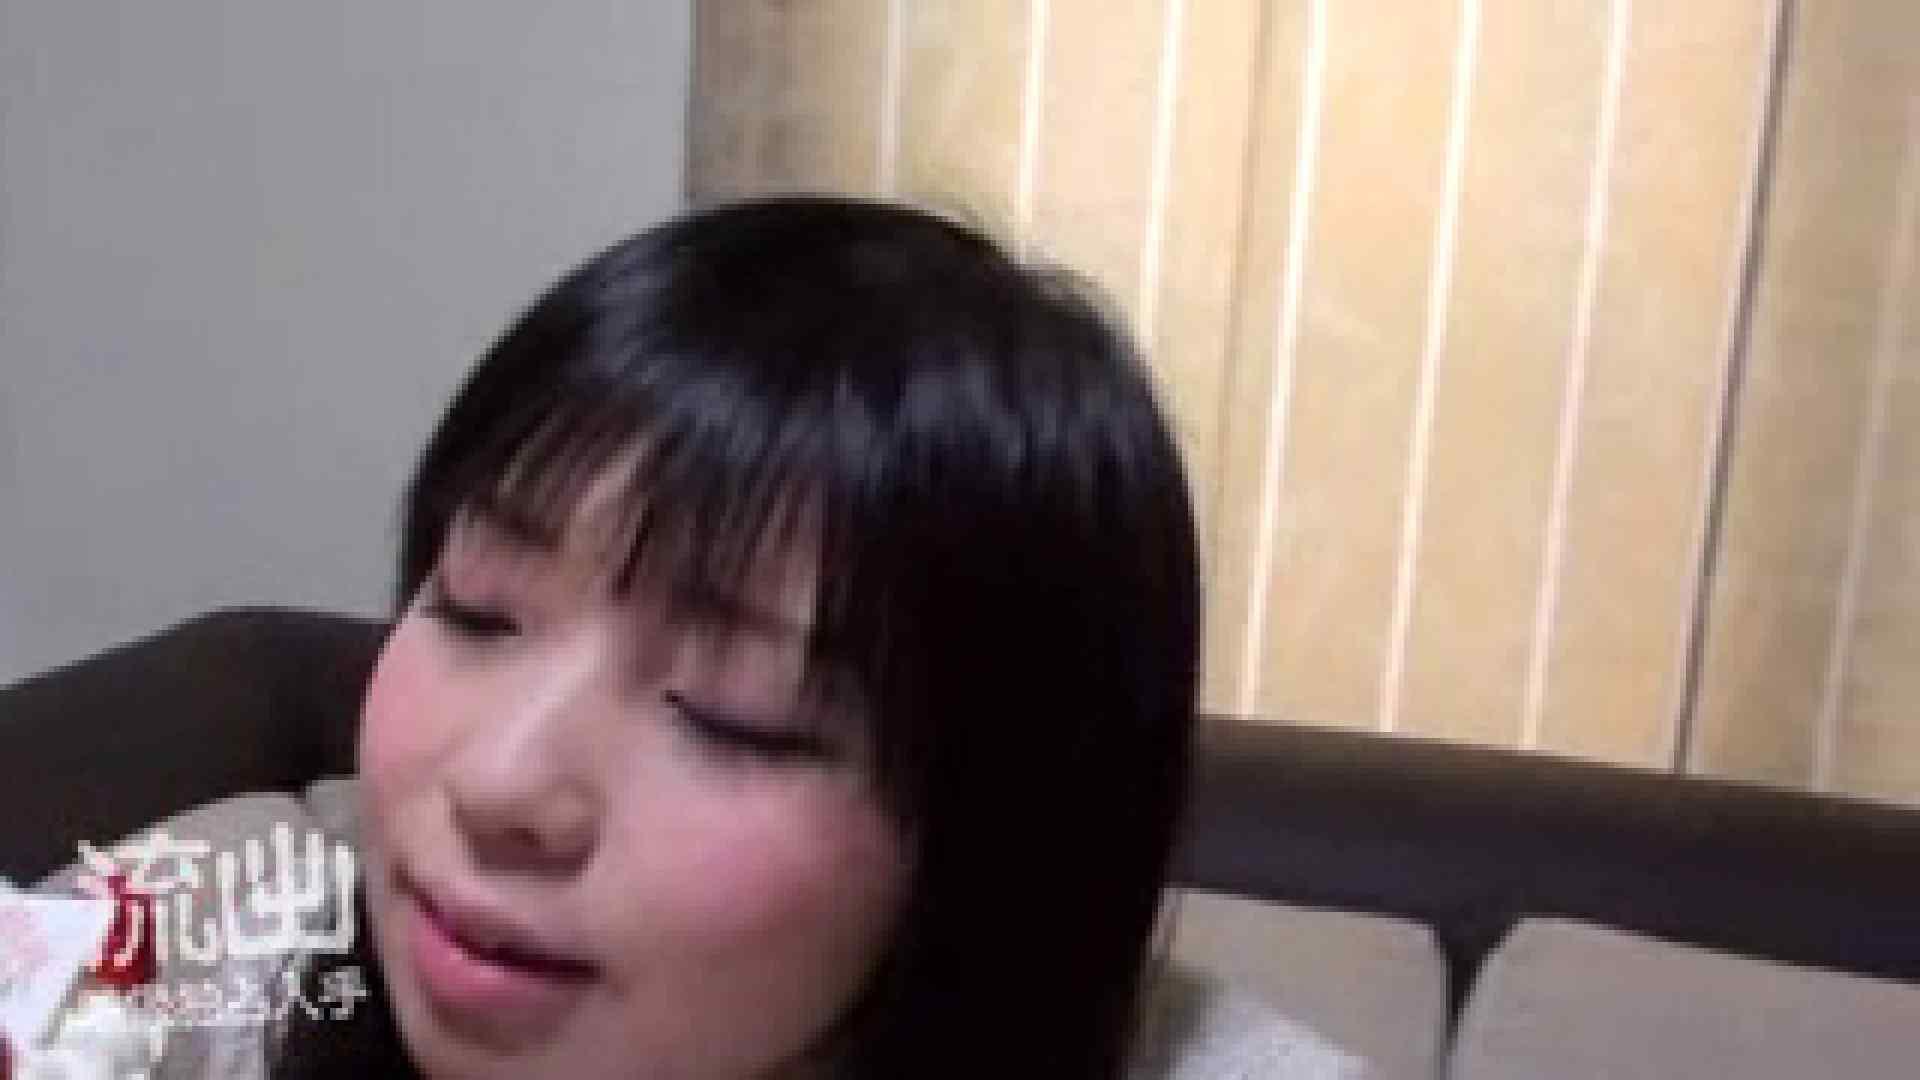 素人流出動画 都内在住マモルくんのファイル 投稿映像 | 素人のぞき  57pic 37